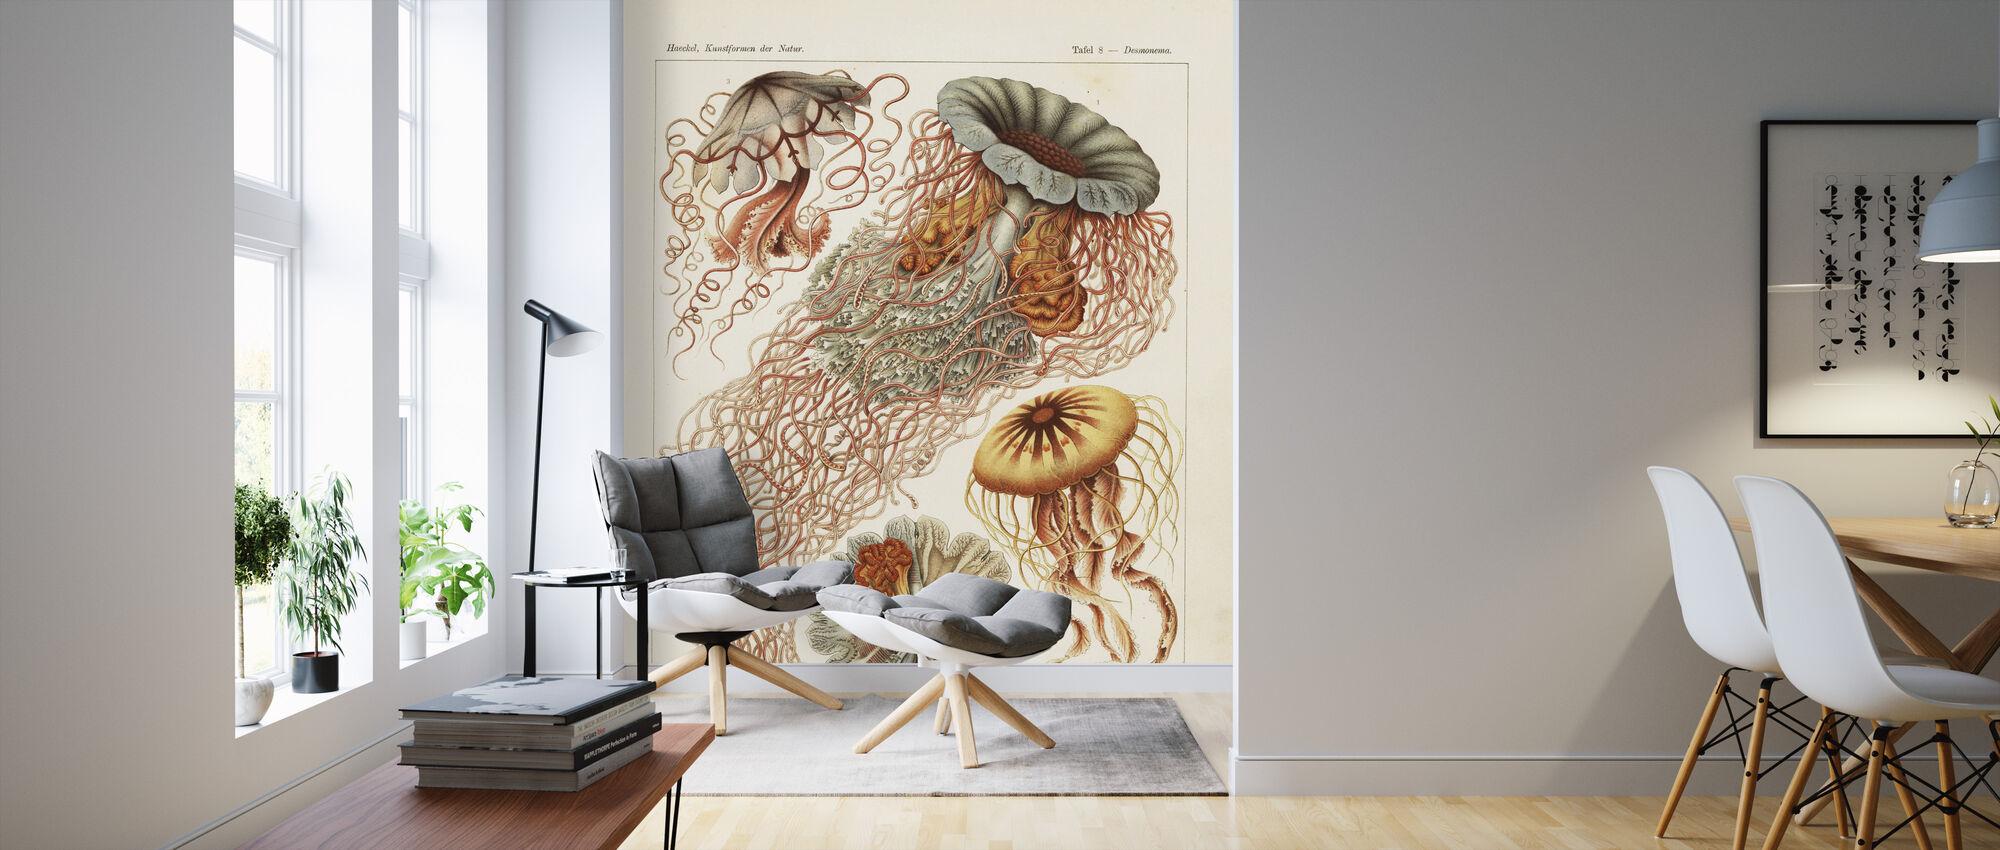 Jellyfish Art Print - Ernst Haeckel - Wallpaper - Living Room